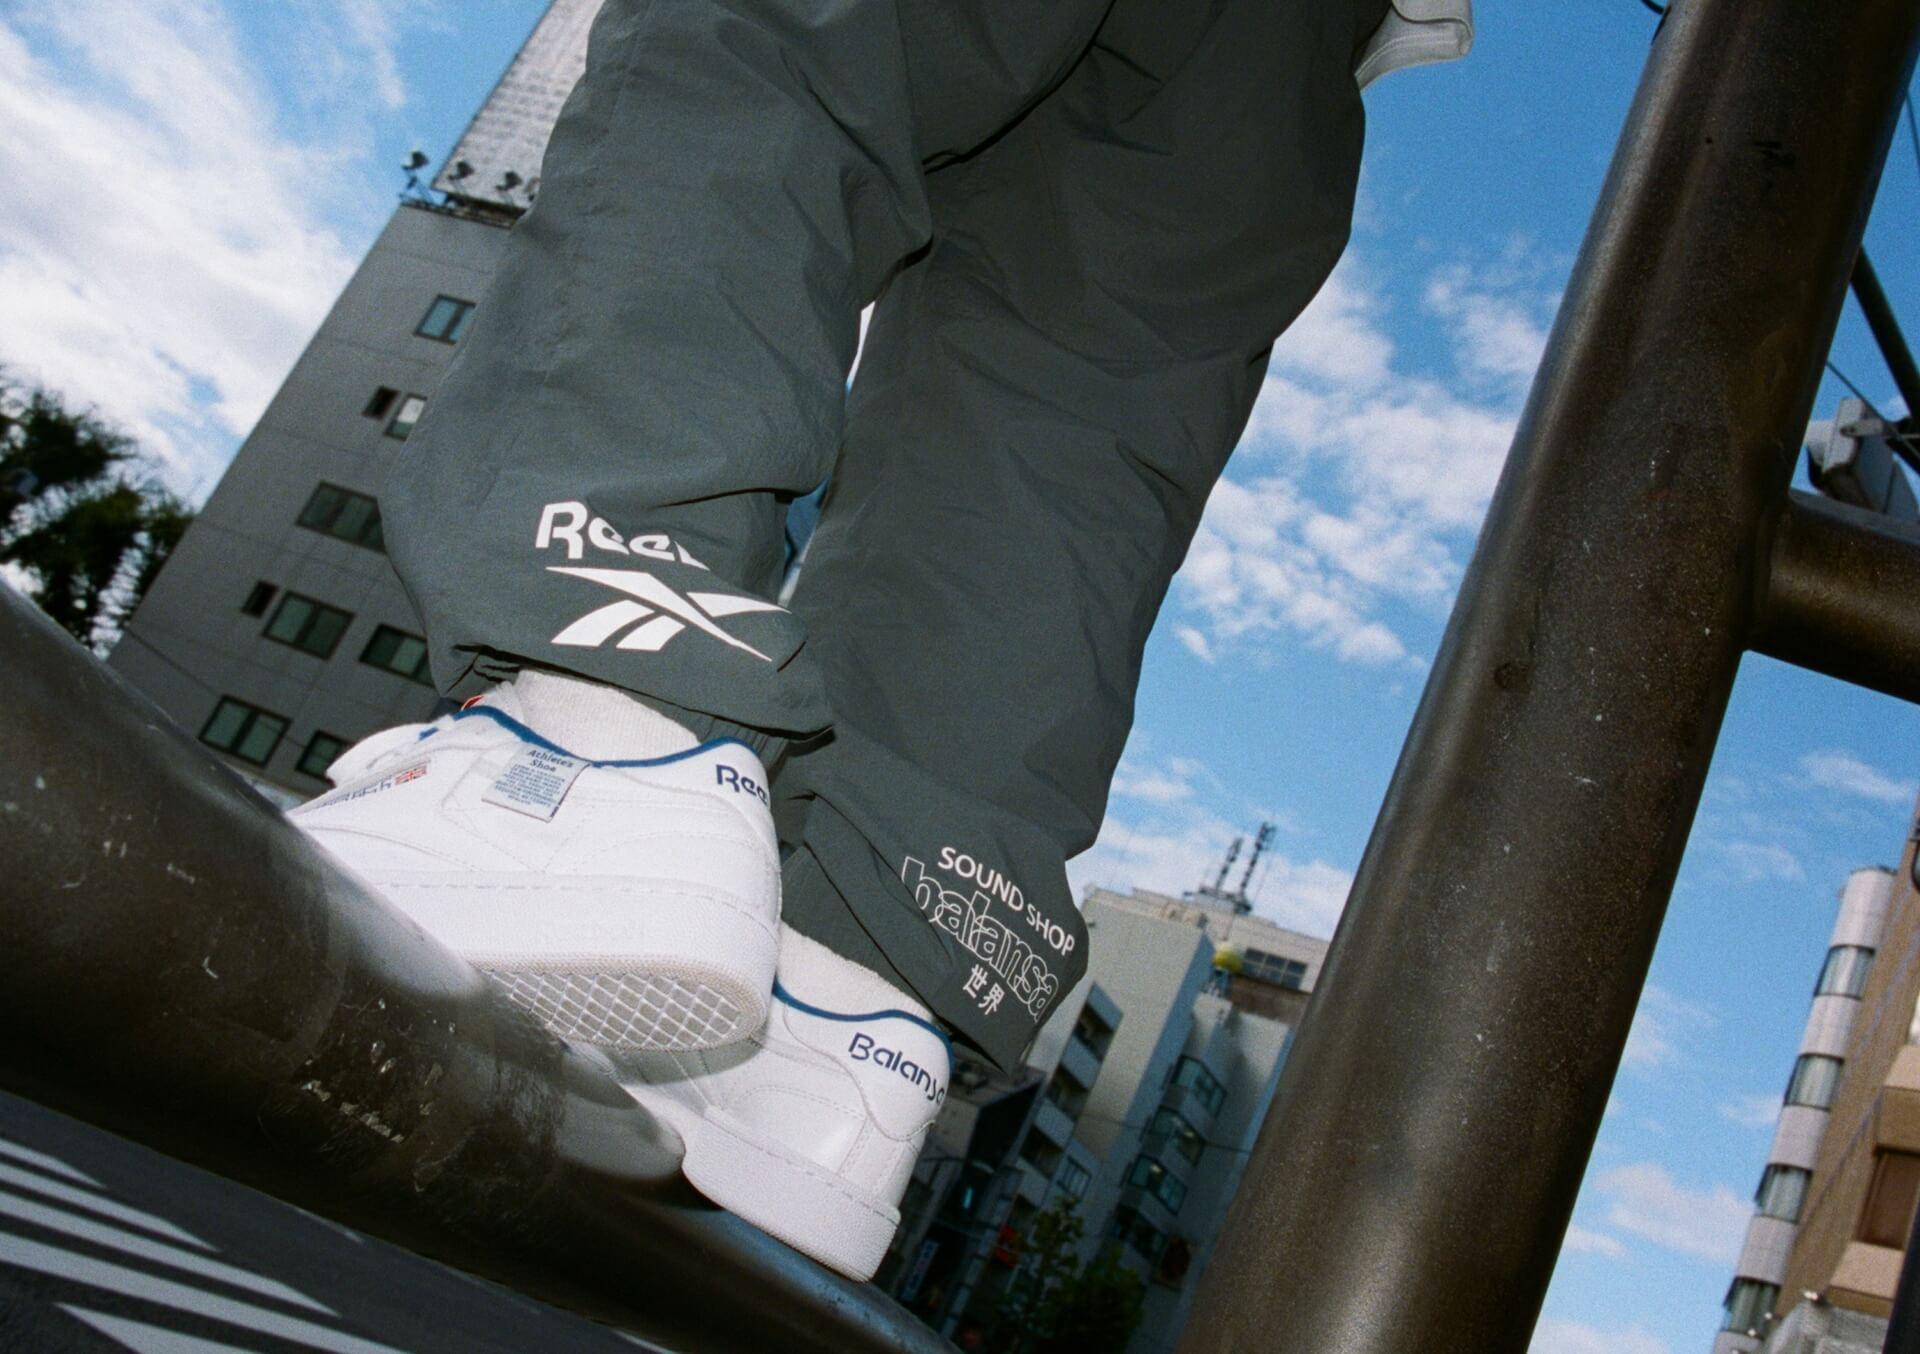 リーボックと韓国のSOUND SHOP balansaがコラボ!90年代のバスケコレクションをモチーフにしたClub Cが発売中 life211005_reebok_balansa_22